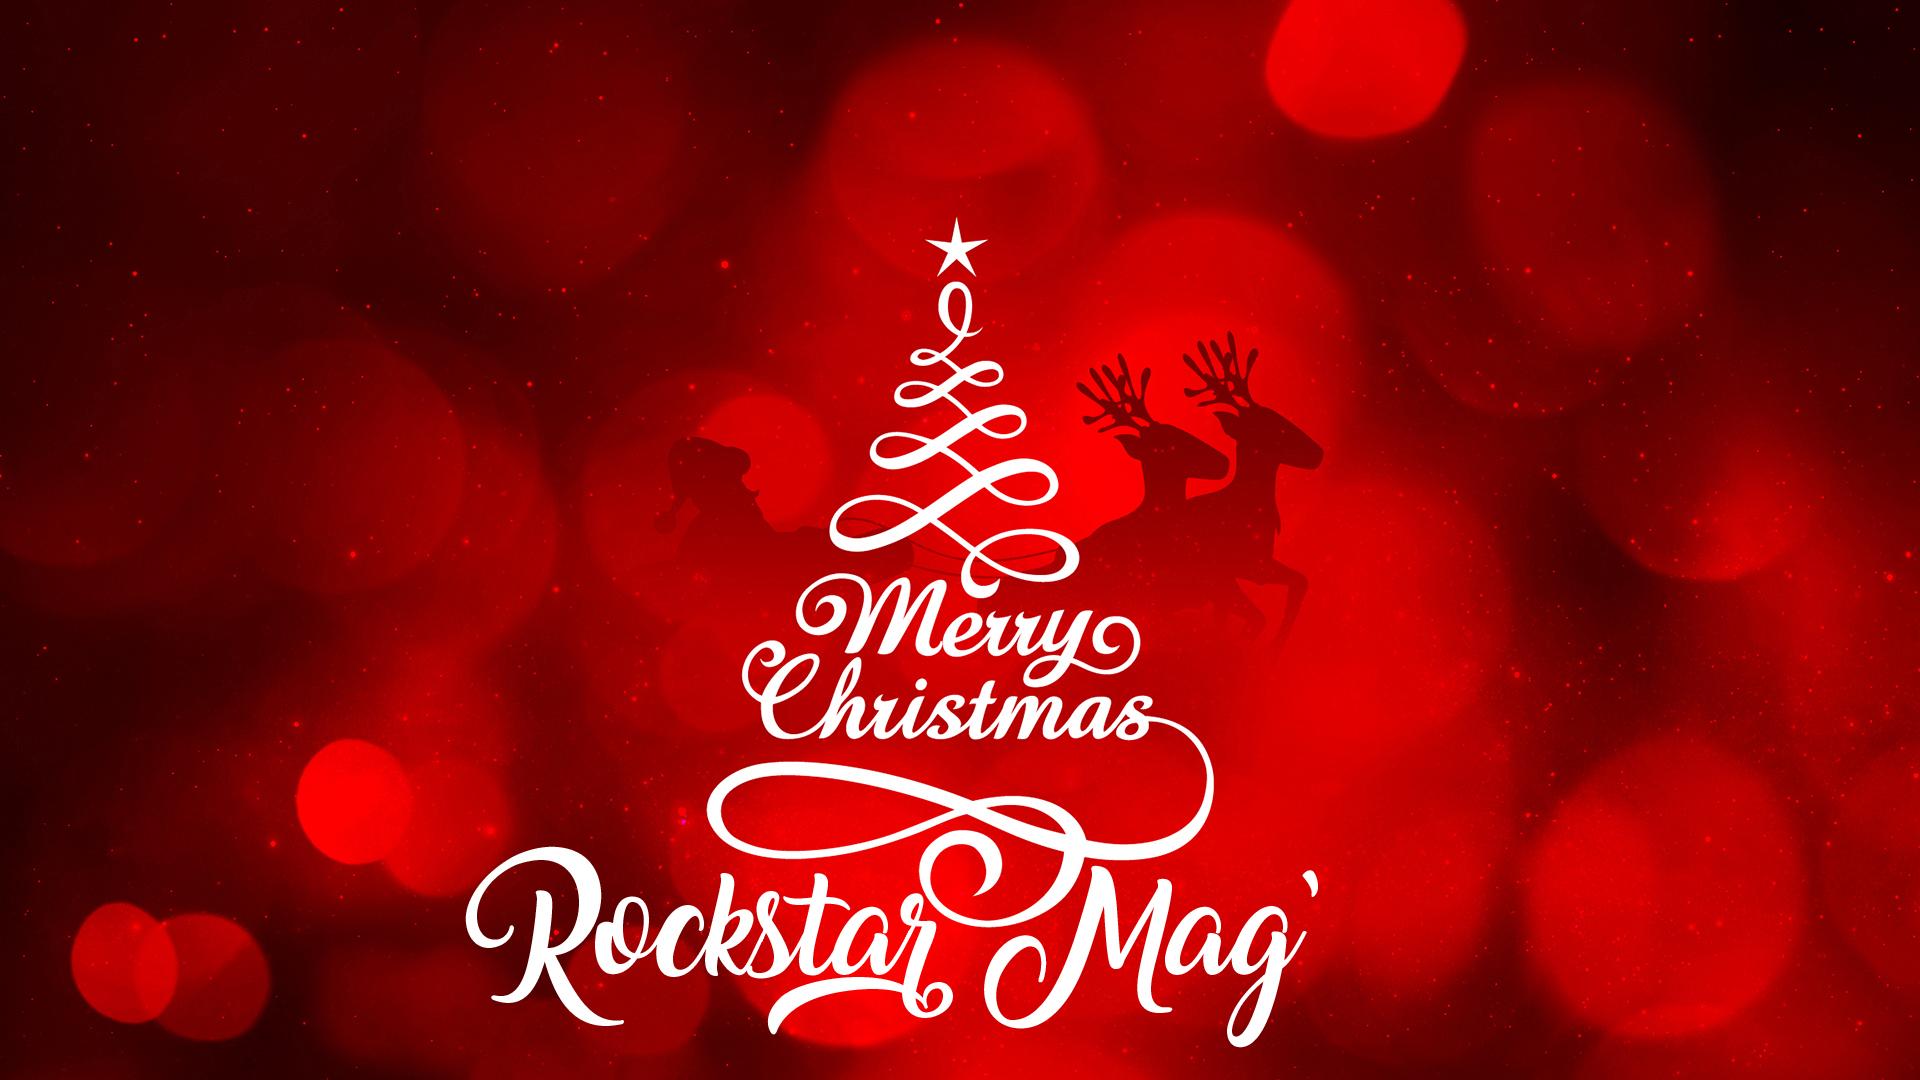 Joyeux Noël 2017 Rockstar Mag